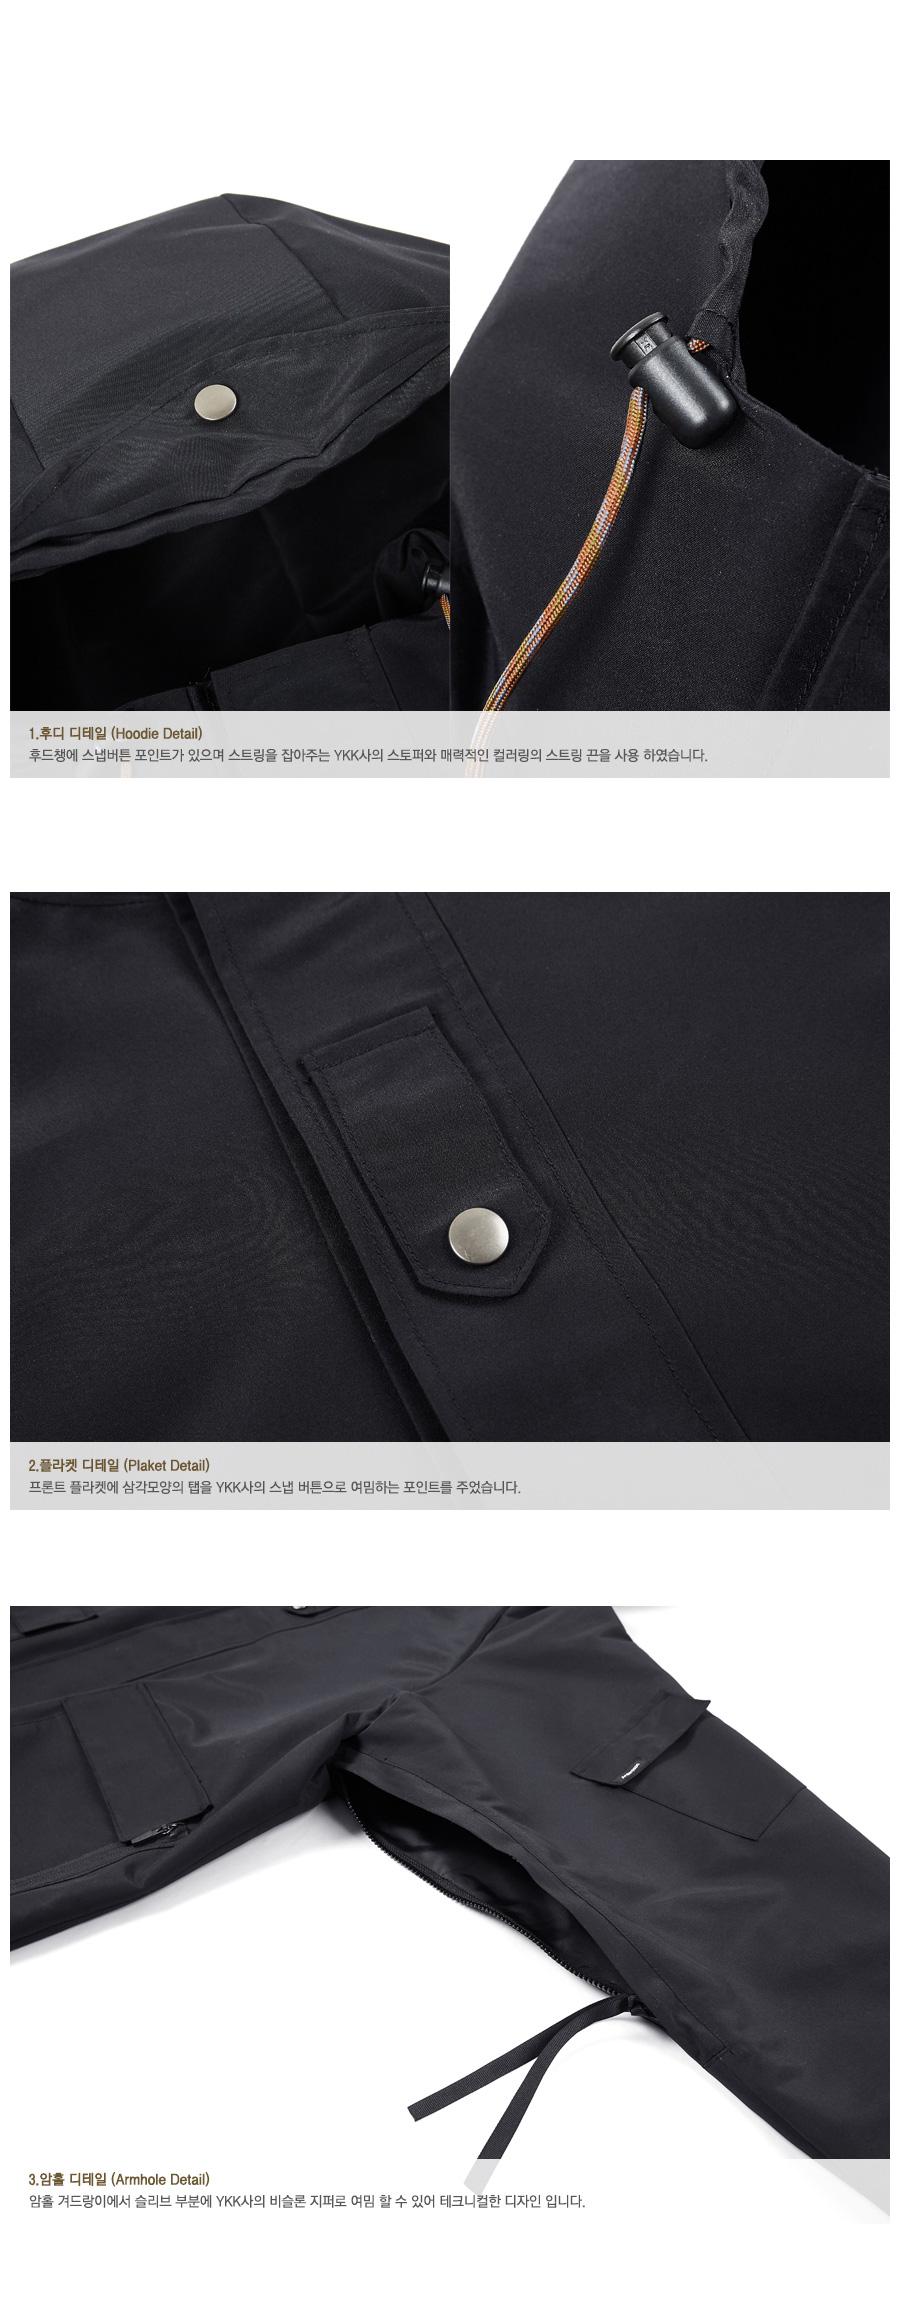 앤더슨벨(ANDERSSON BELL) 앤더슨 밀리터리 유틸리티 자켓  awa137m(Black)